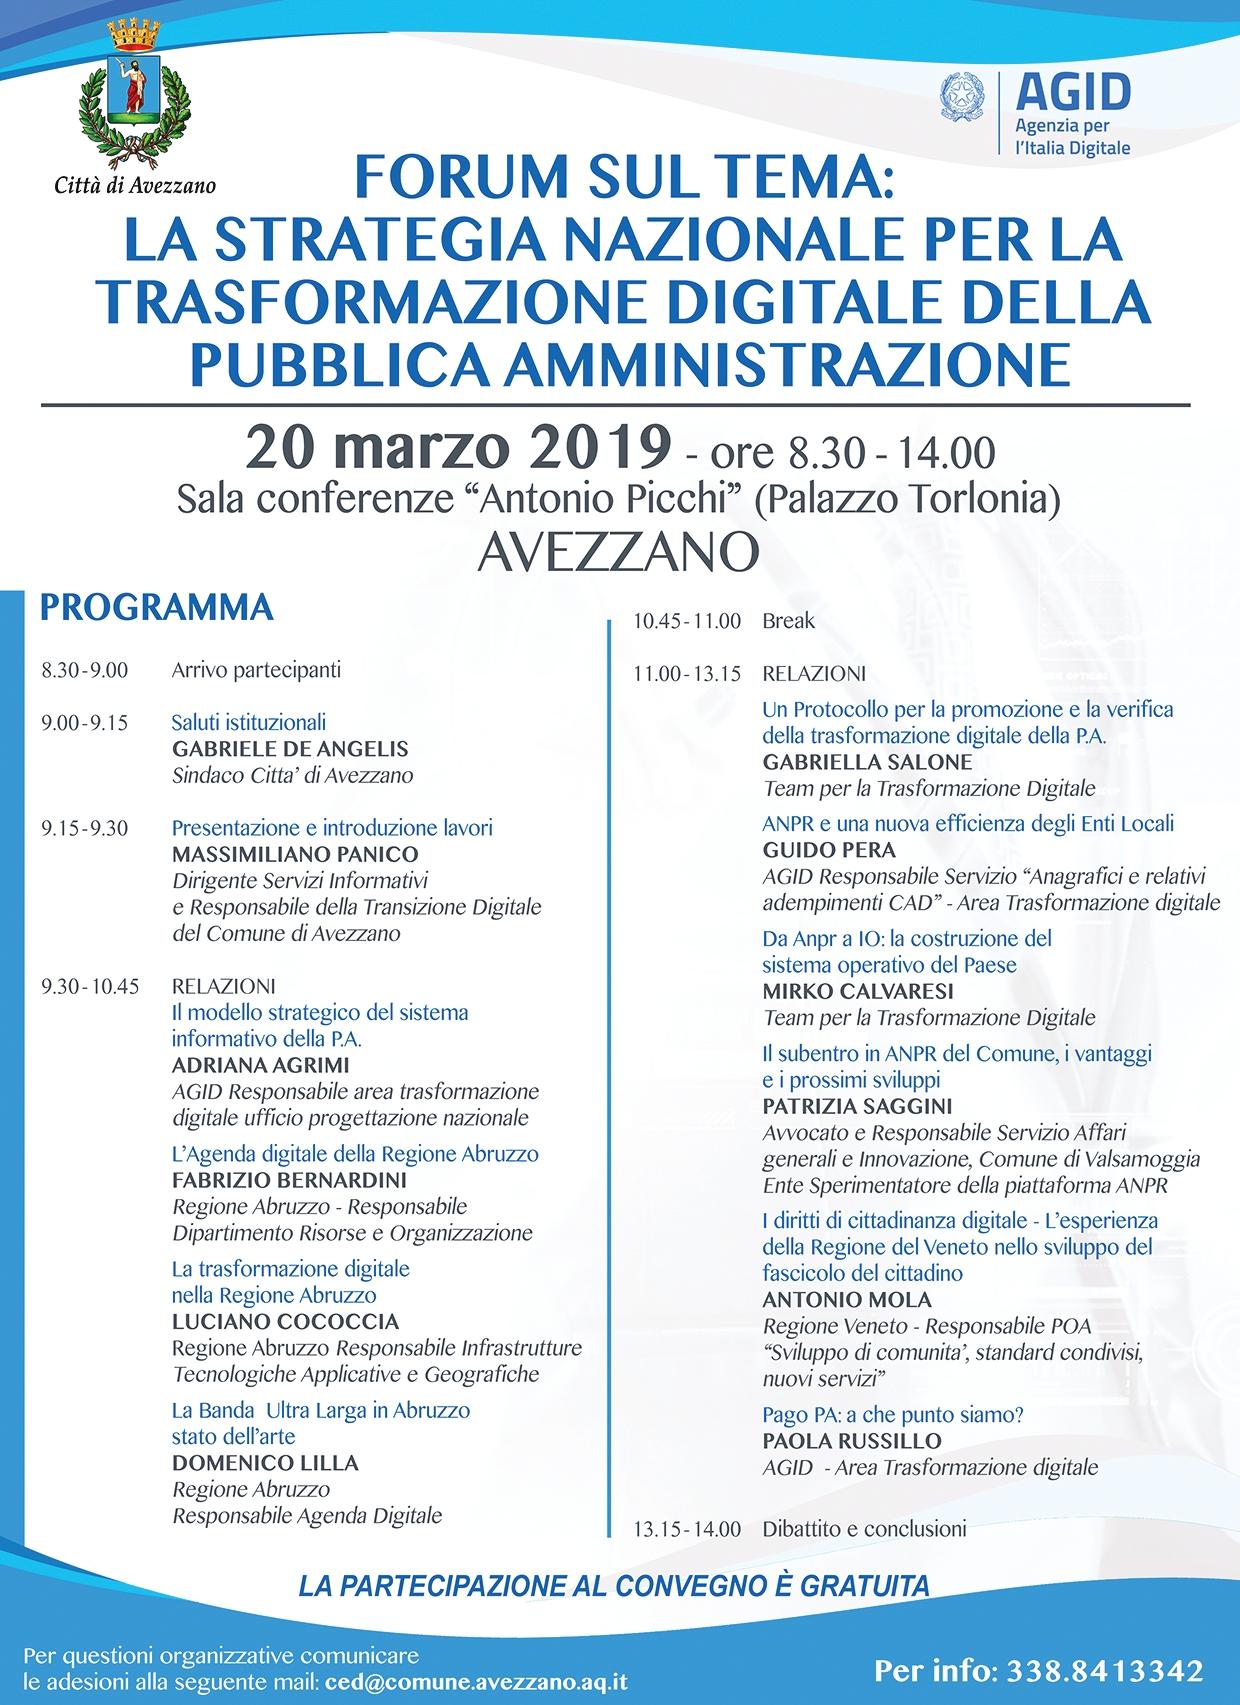 Avezzano, un convegno sulla trasformazione digitale nell'ambito della pubblica amministrazione